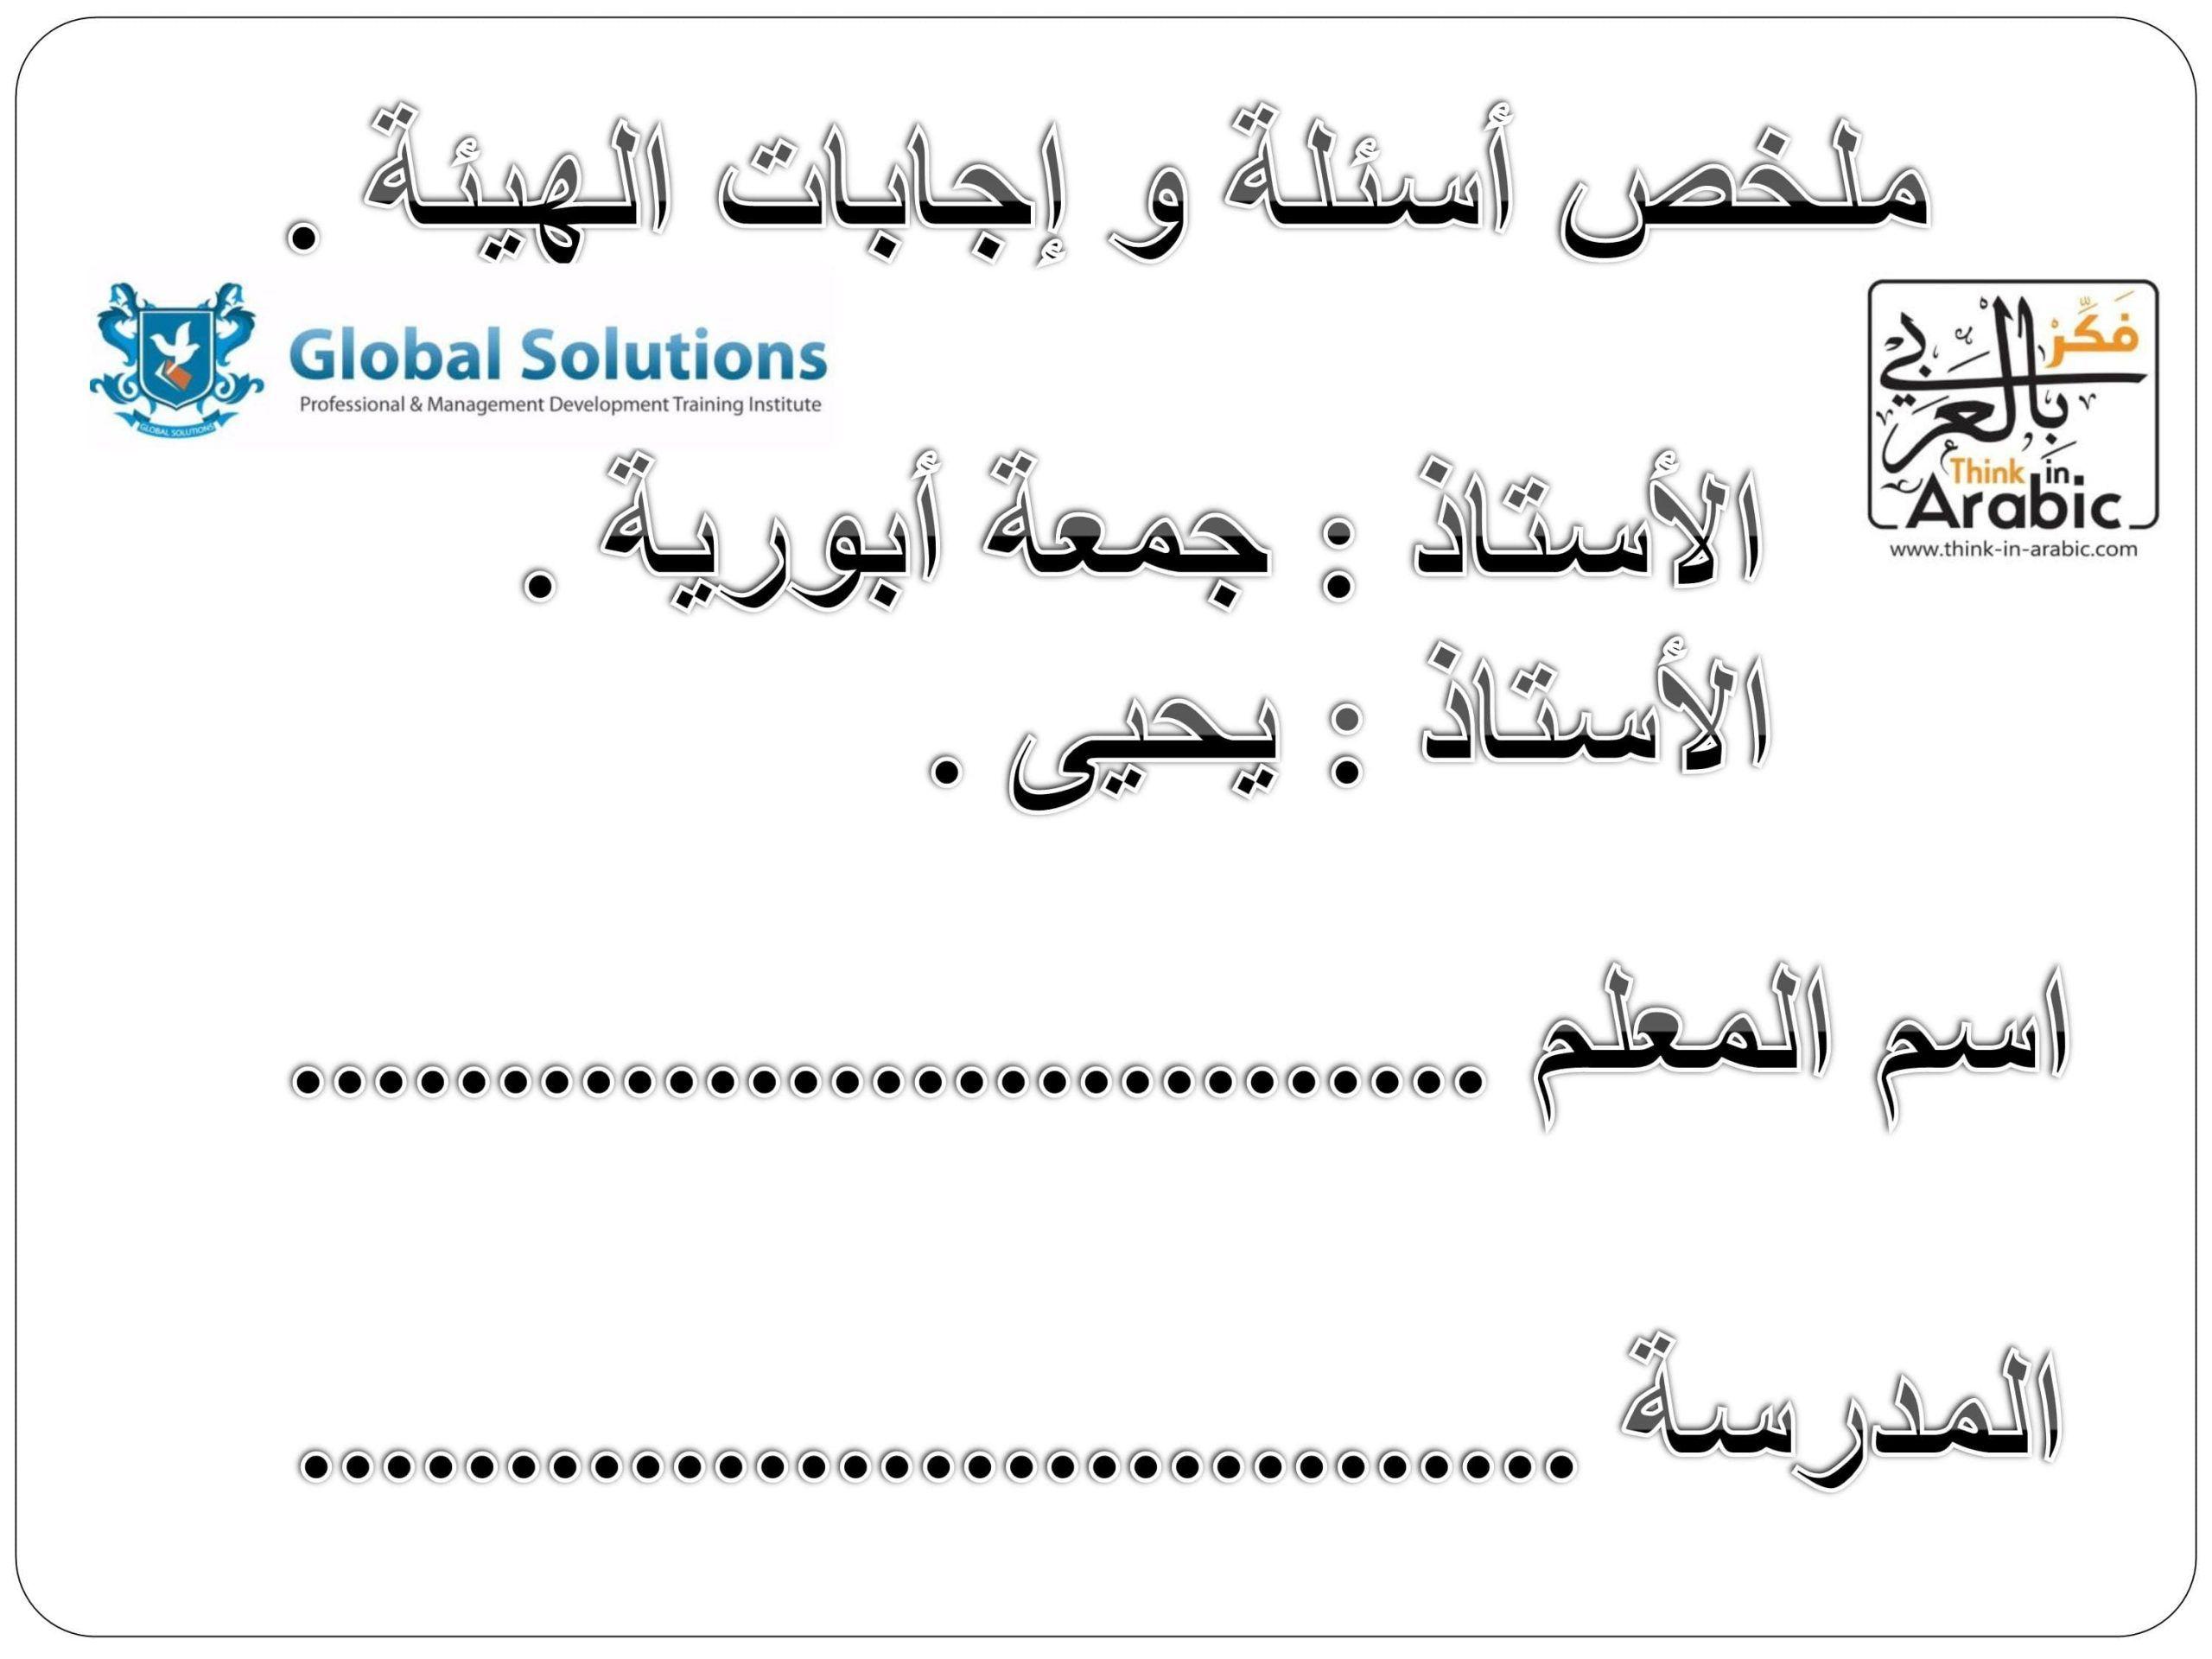 ملخص لاهم اسئلة الهيئة مع الاجابات النموذجية الخاص بالامتحان Math Solutions